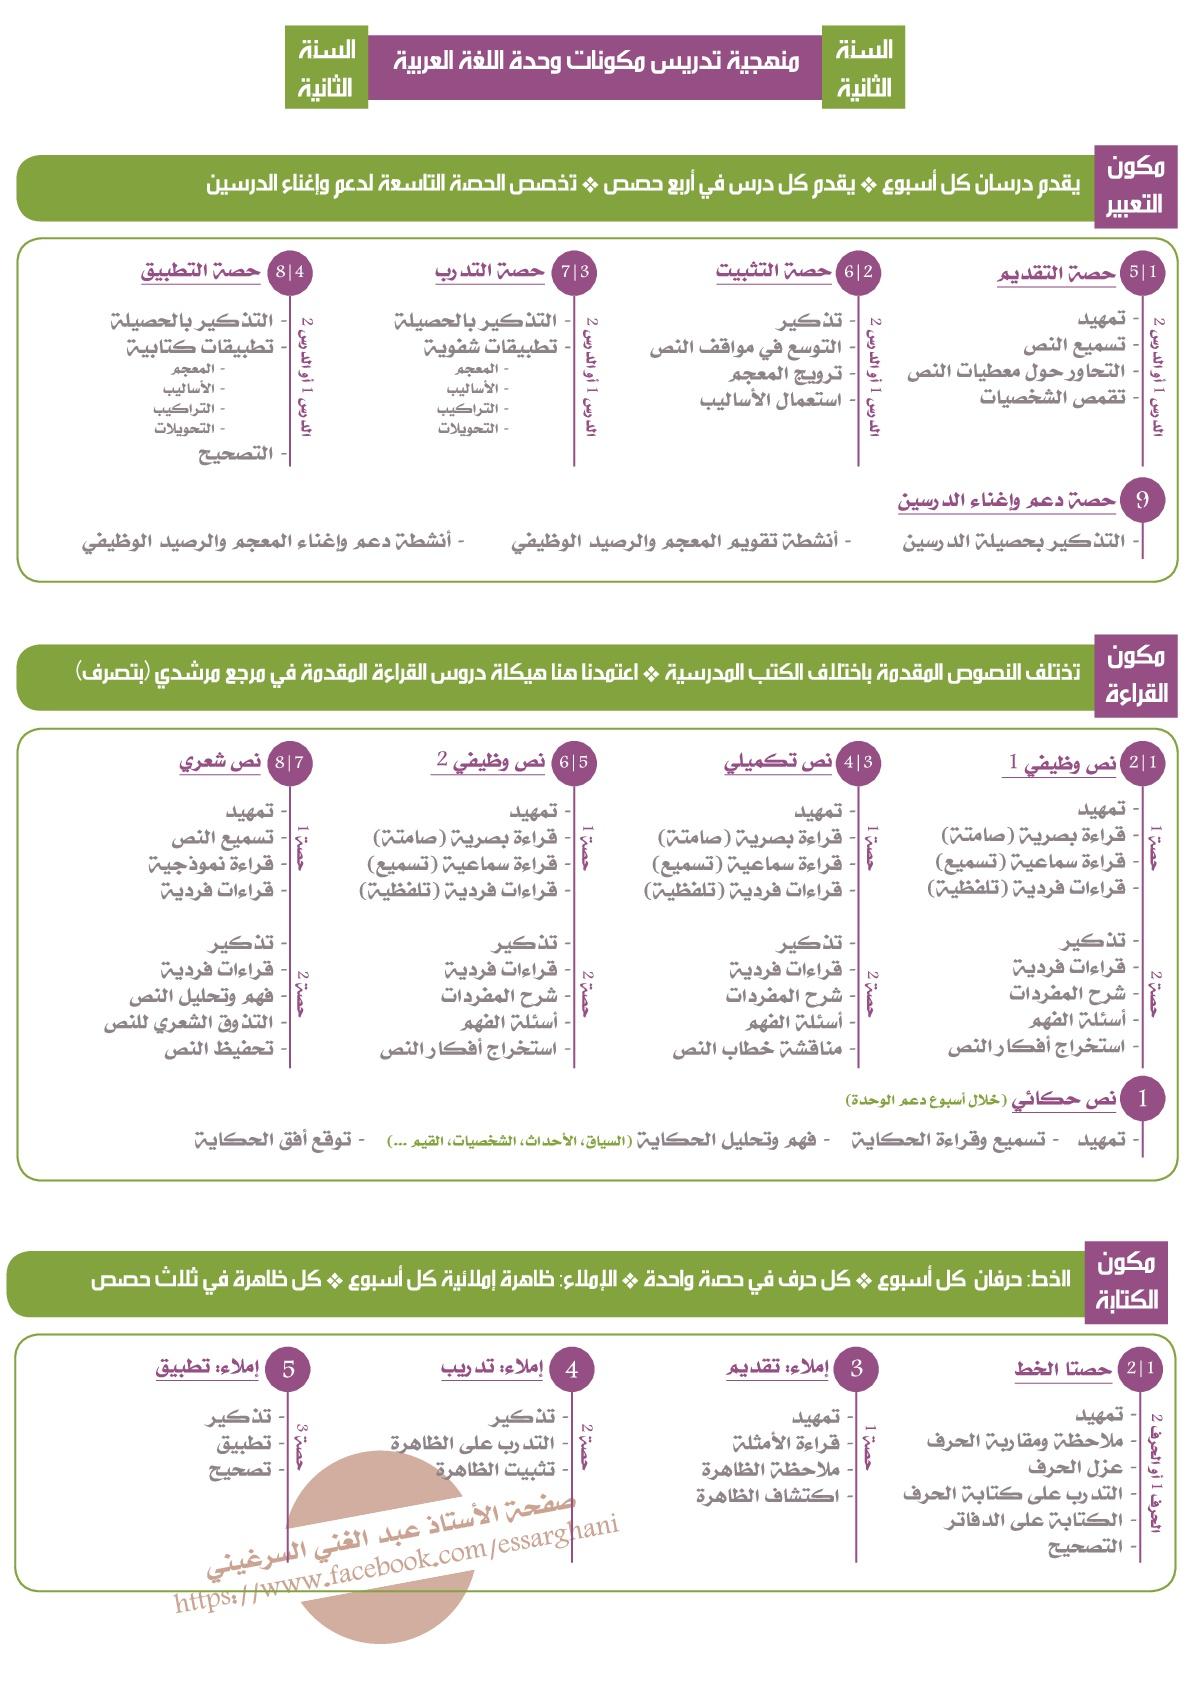 منهجية تدريس مكونات وحدة اللغة العربية السنة الثانية